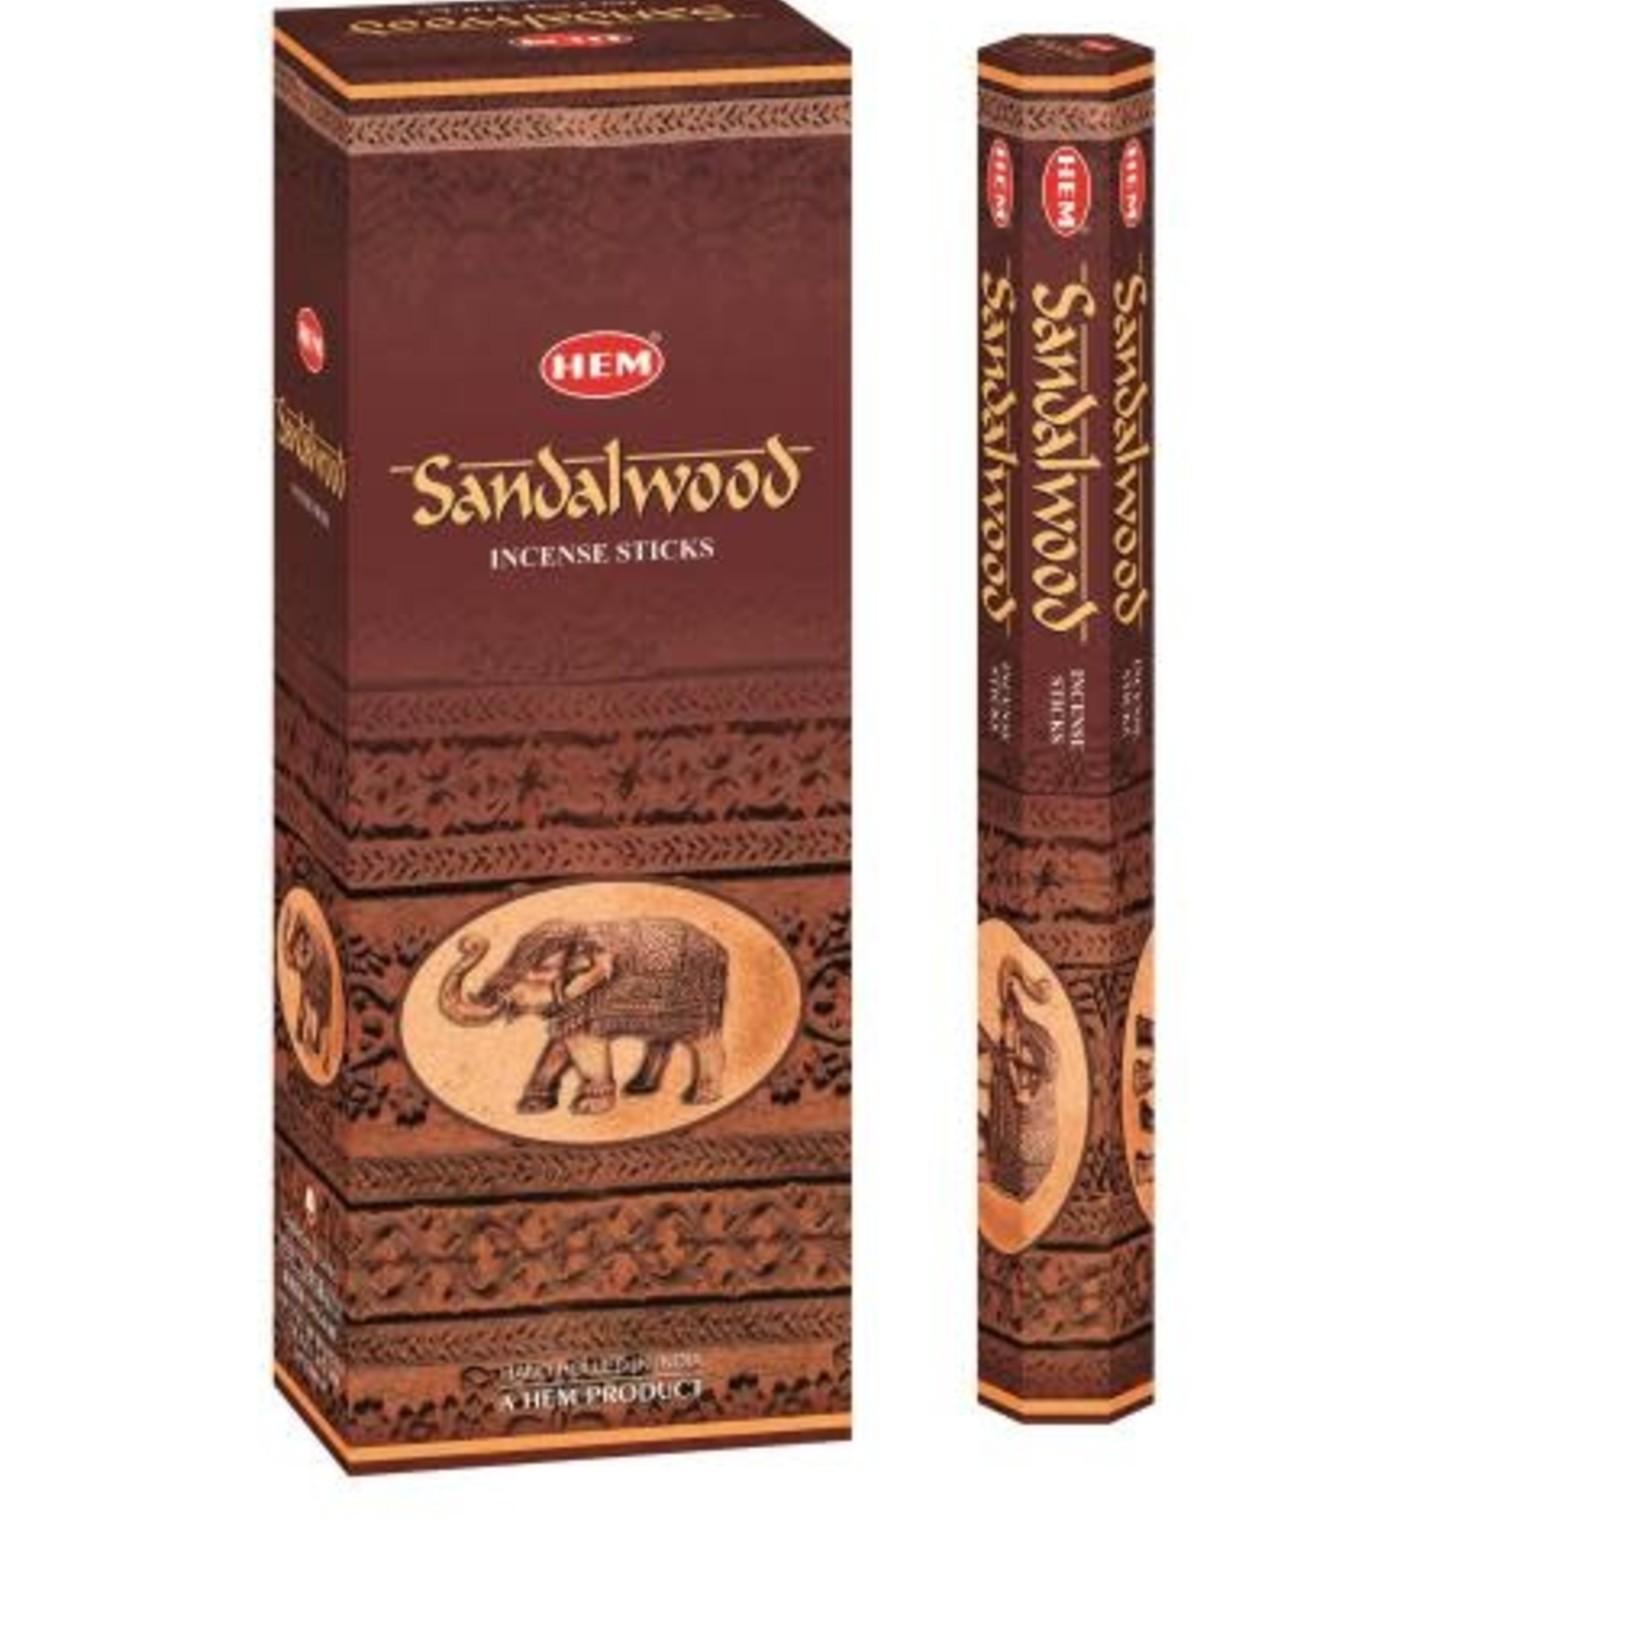 HEM (HEM) Sandalwood Incense